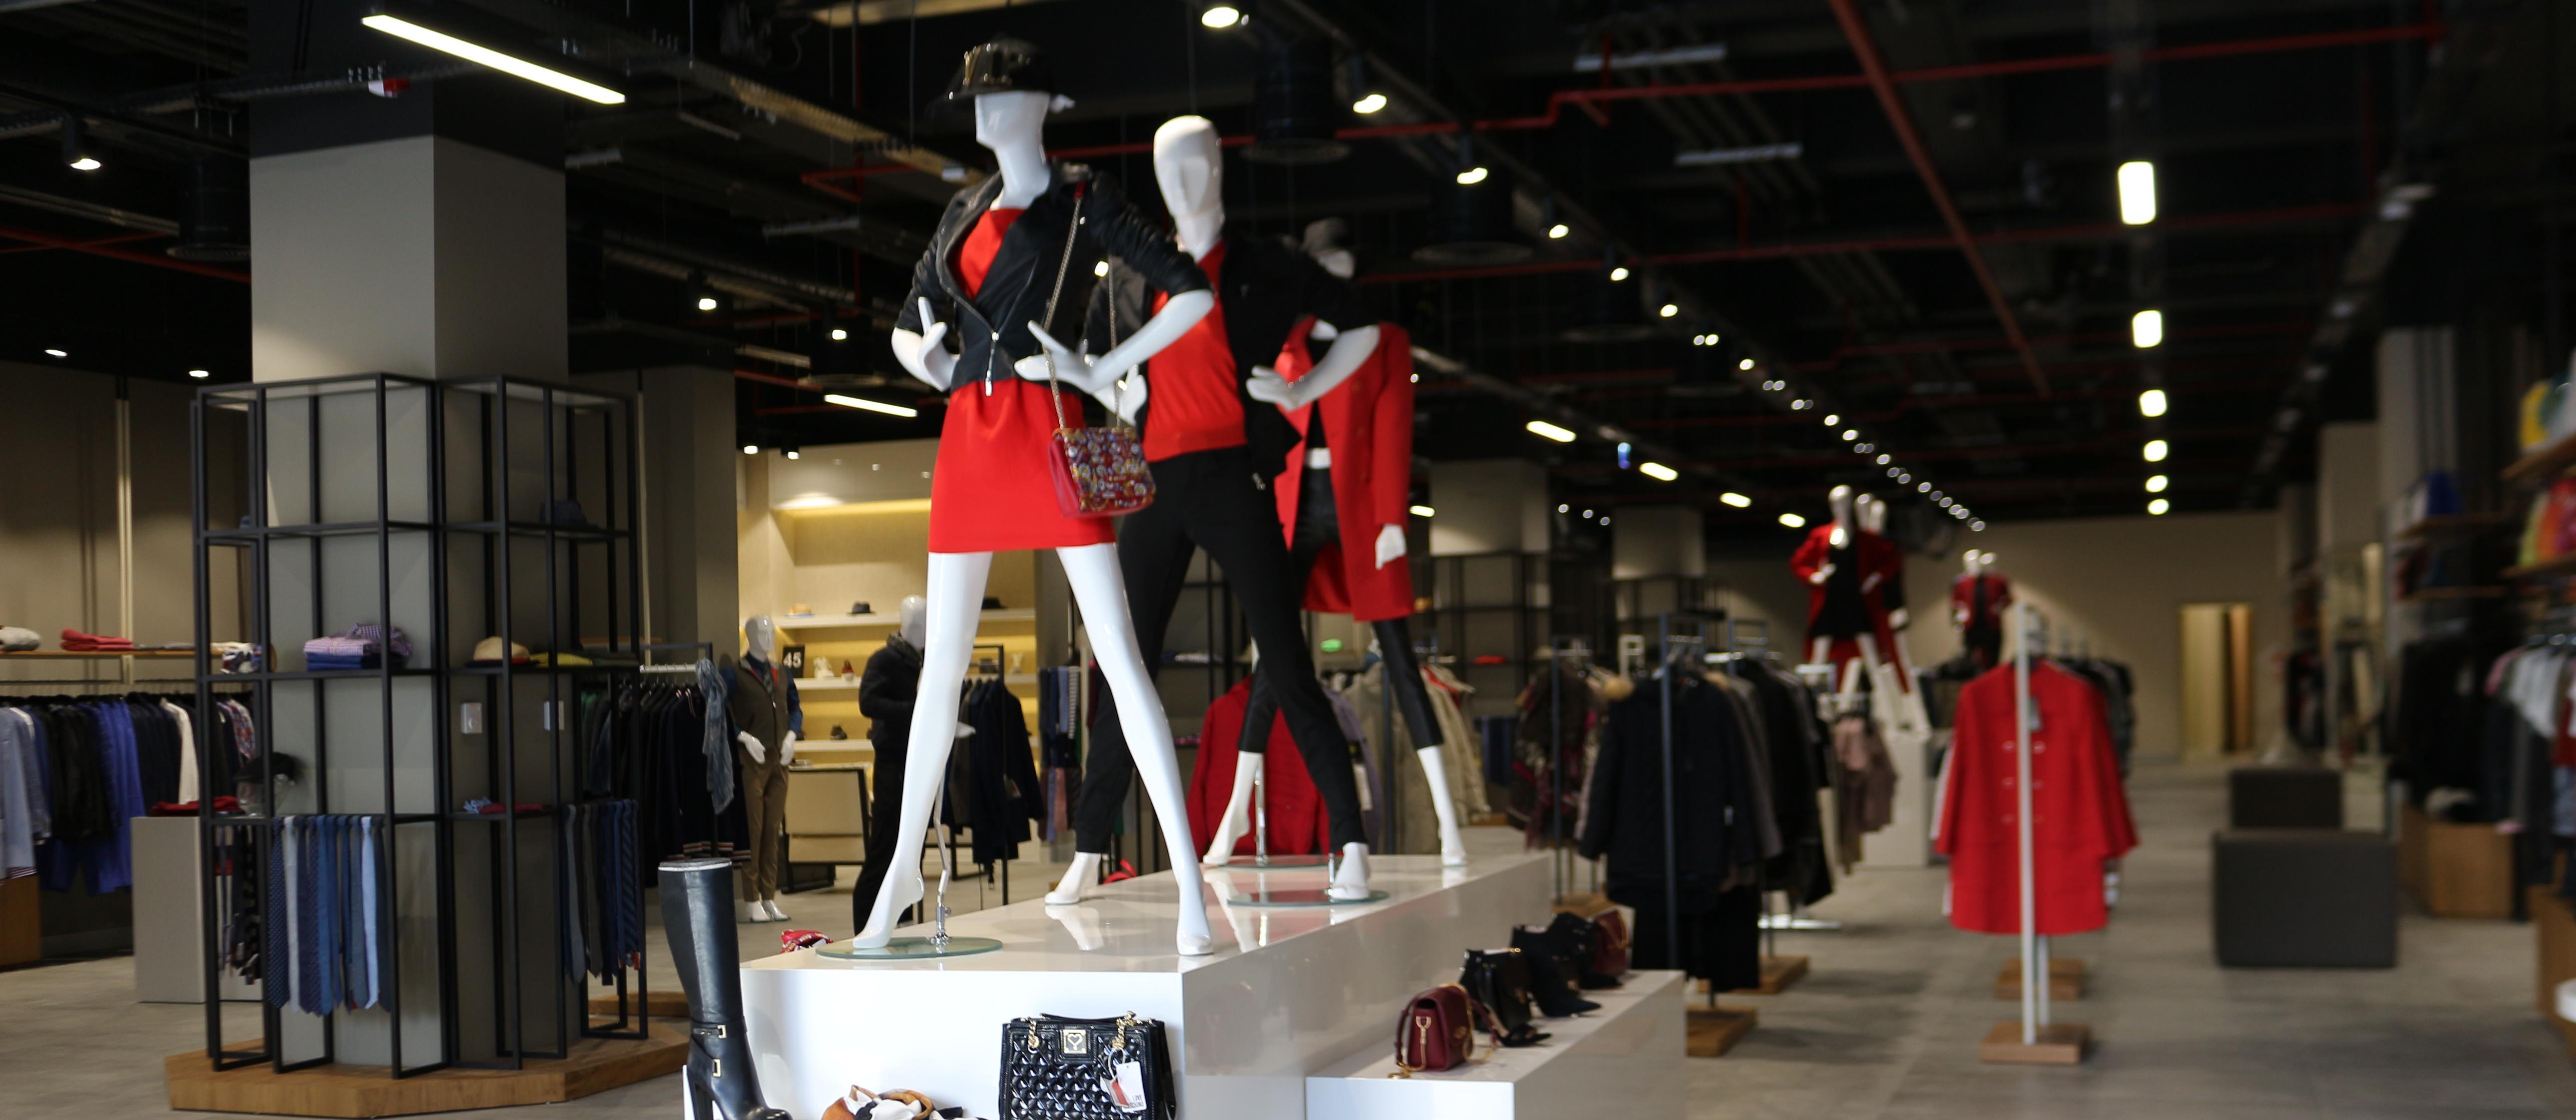 Brandroom, Türkiye'nin 'ilk designer outleti' Oasis'te açıldı